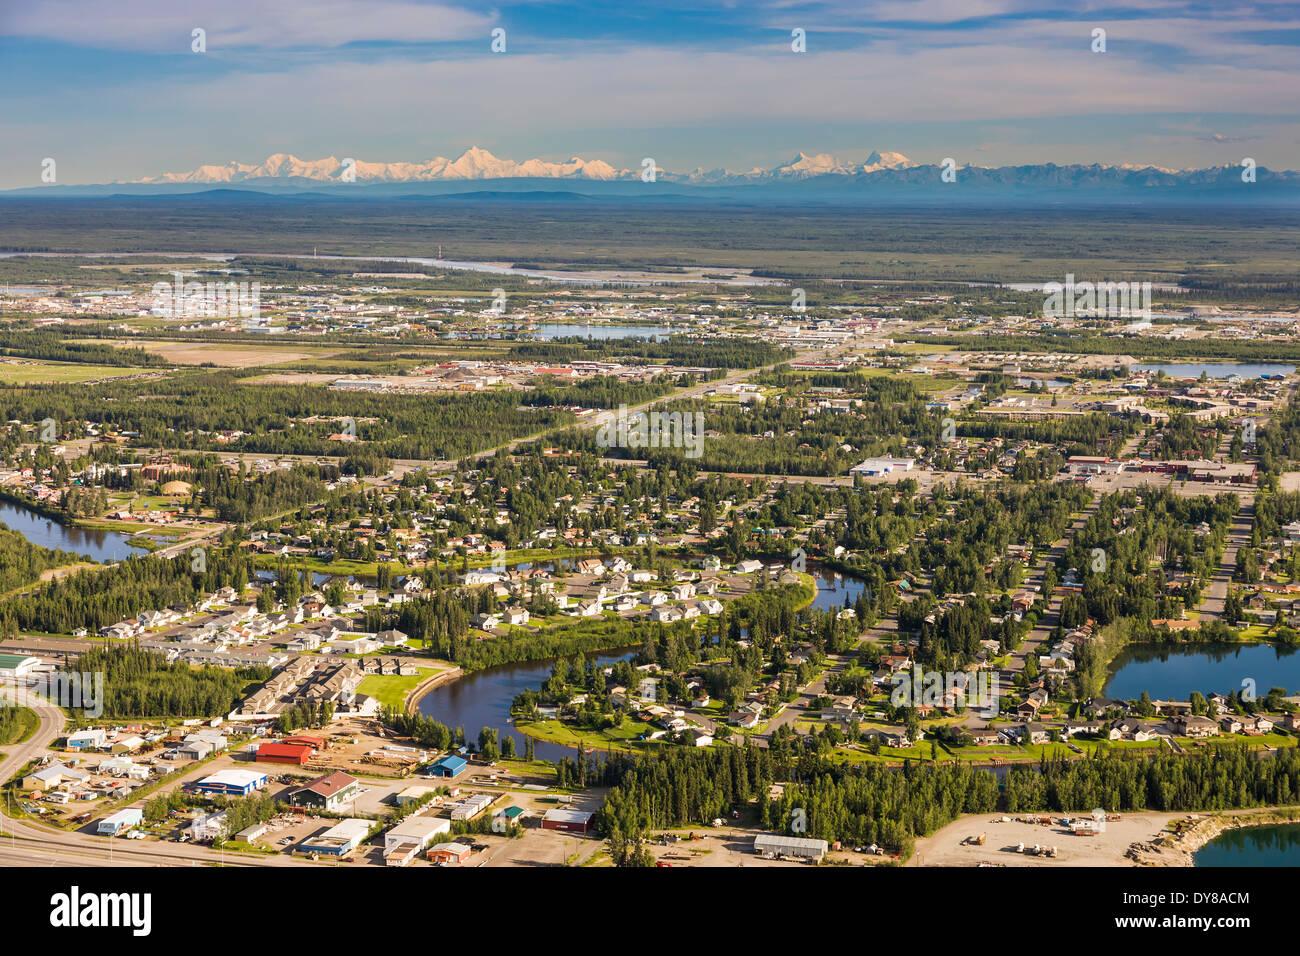 La ville de Fairbanks situé dans la vallée Tanana Flats avec la chaîne de l'Alaska montagnes au loin à l'Horizon Photo Stock